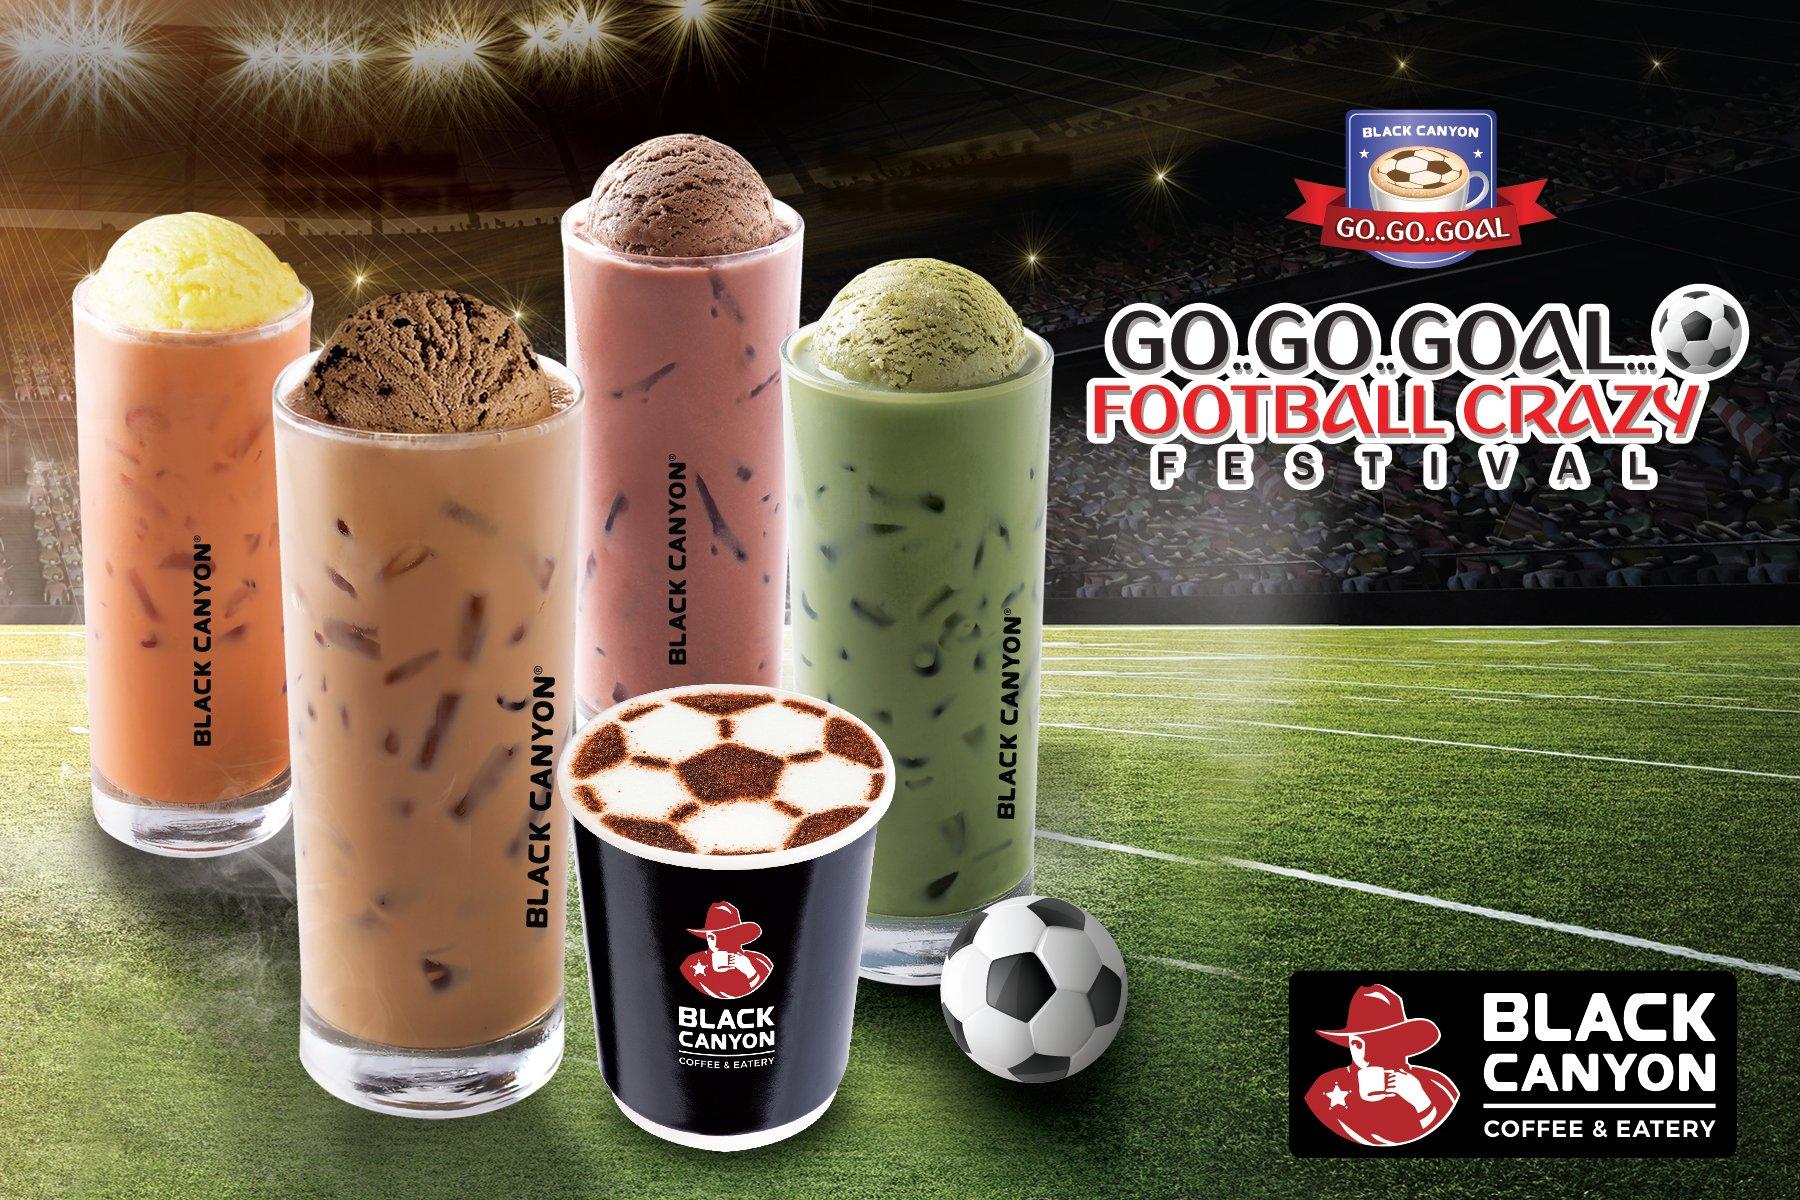 แบล็คแคนยอน ส่ง มอบความสนุกและความอร่อย ด้วย Go Go Goal Football Crazy Festival